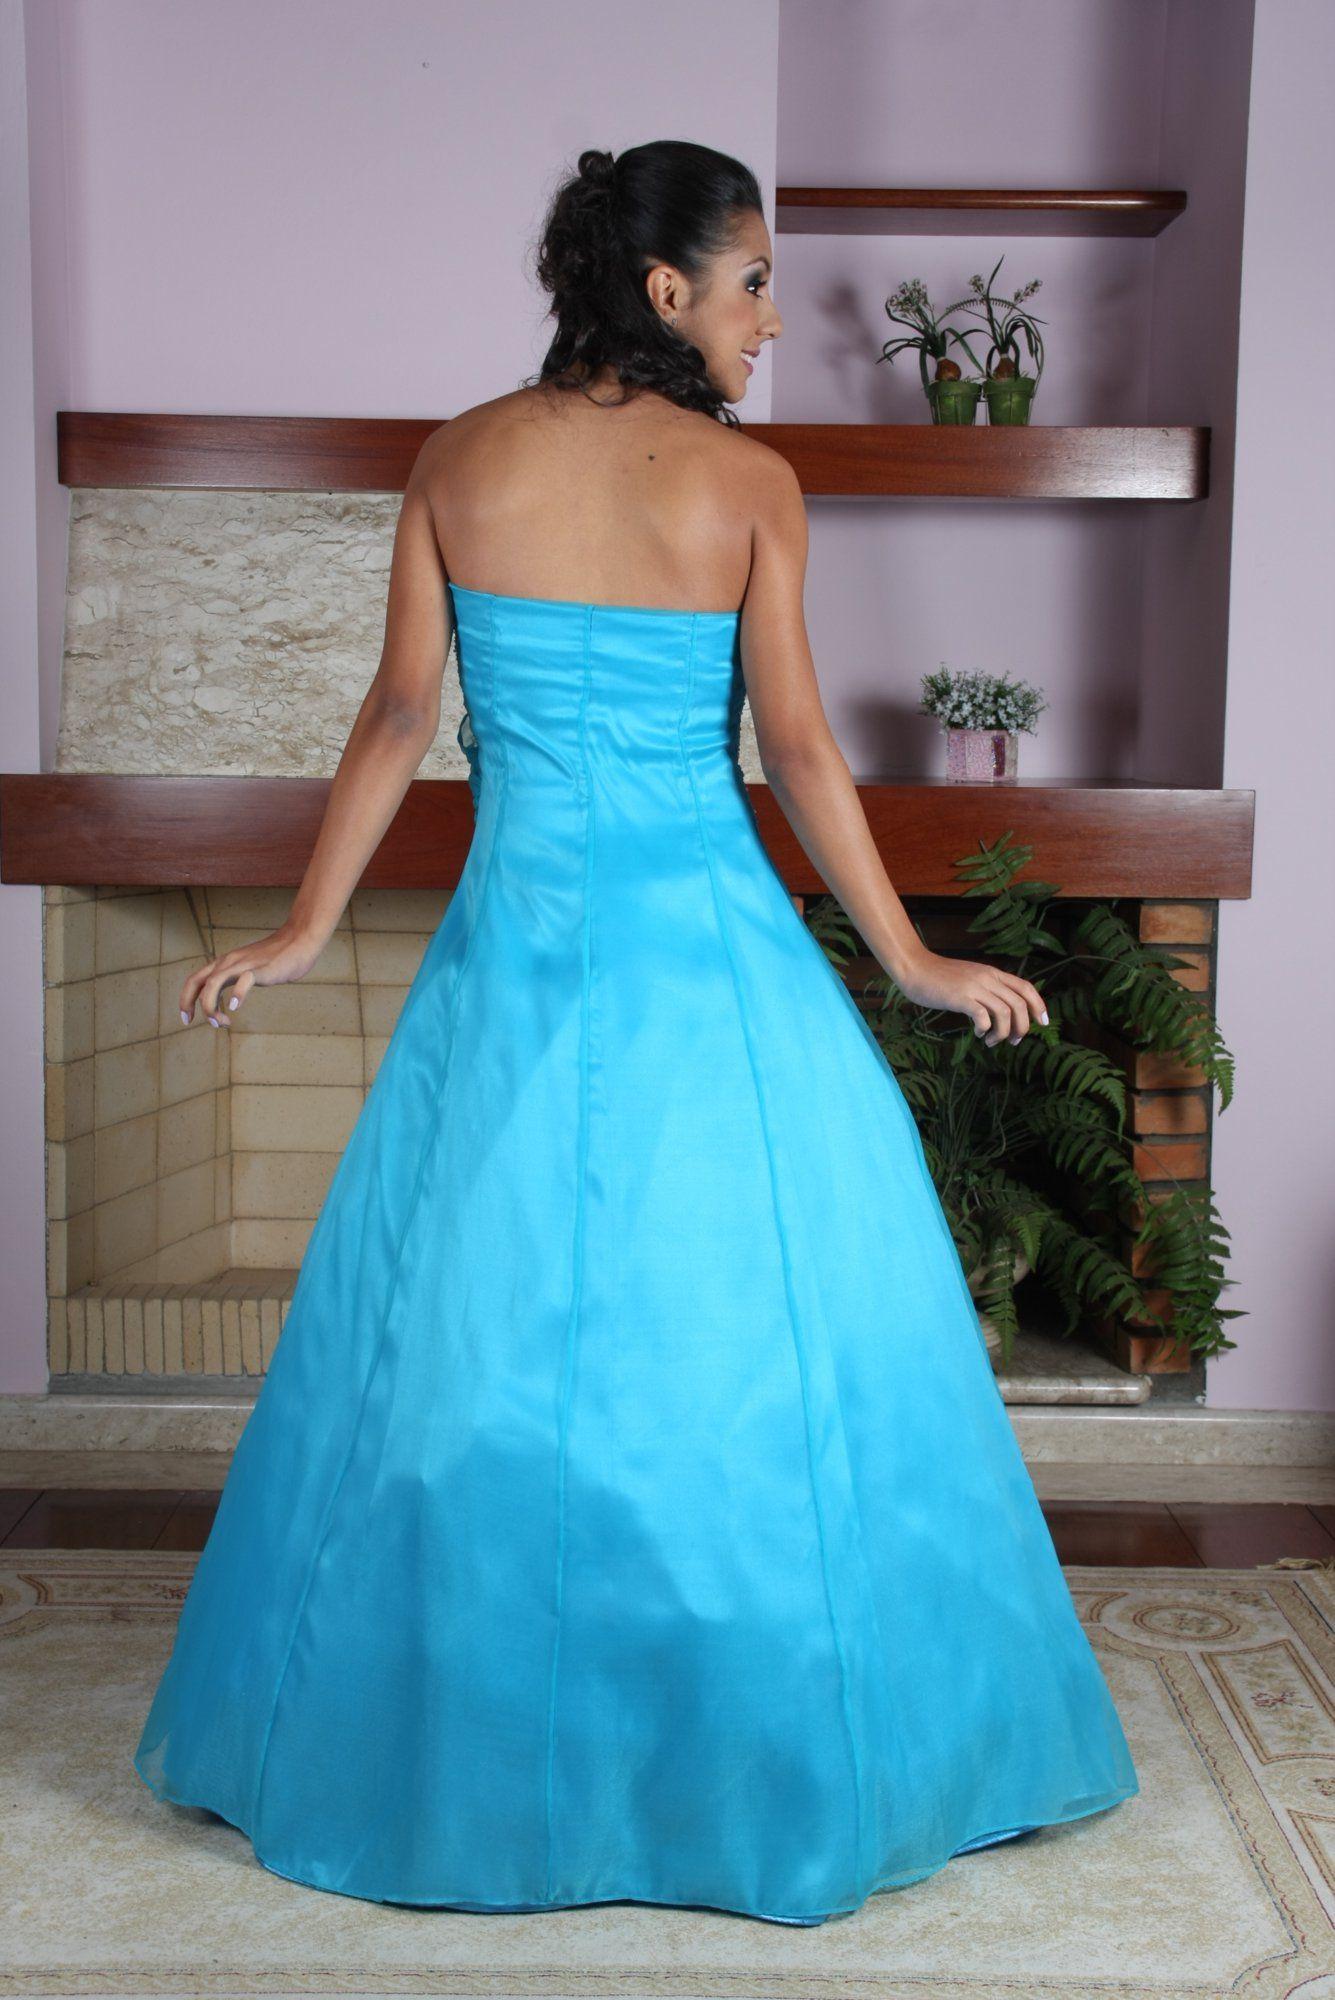 Vestido de Debutante Azul - 2 - Hipnose Alta Costura e Spa para Noivas e Noivos - Campinas - SP Vestido de Debutante, Vestido de Debutante Azul, Hipnose Alta Costura